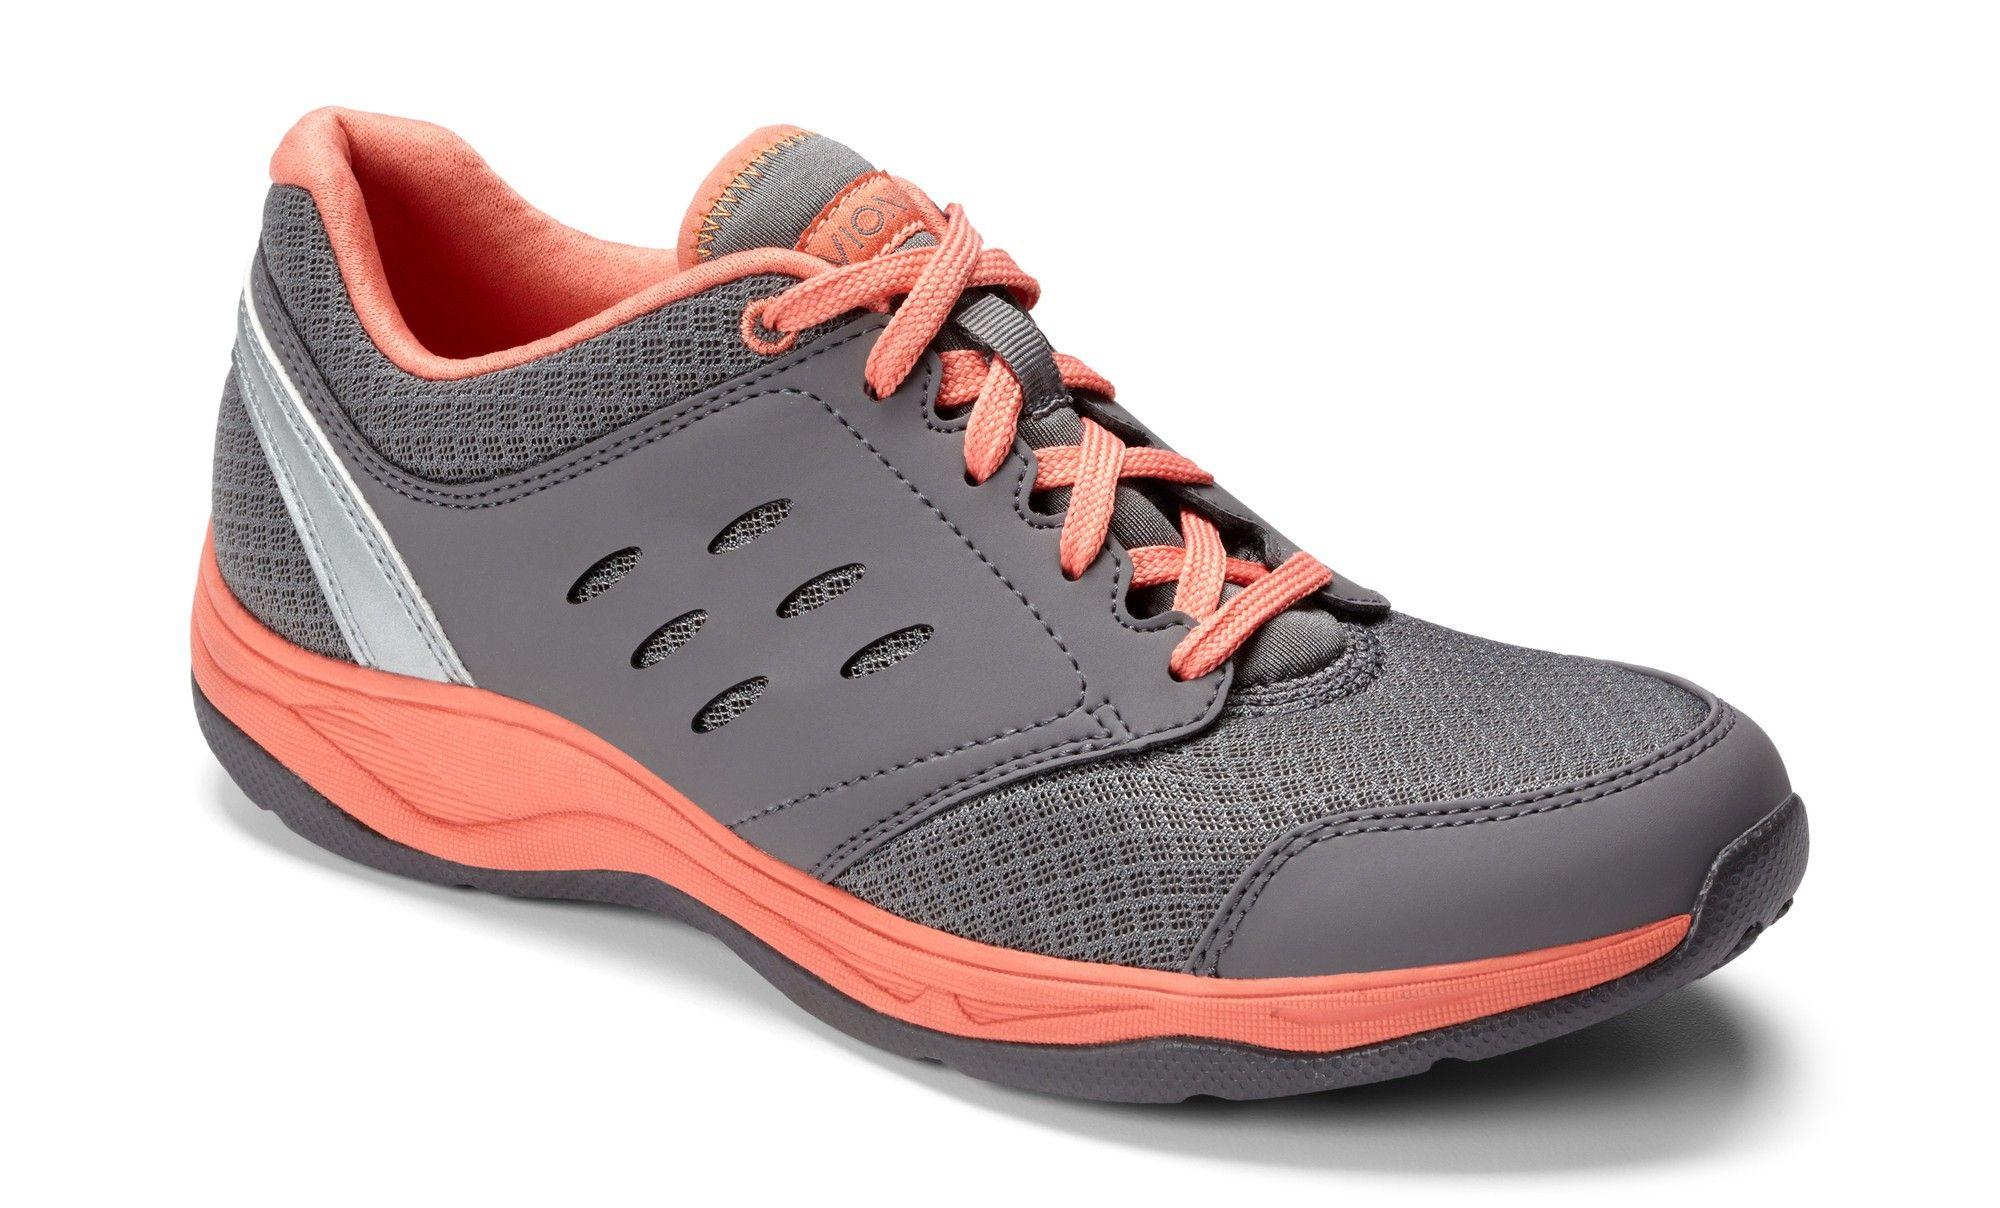 Walking shoes women, Vionic shoes